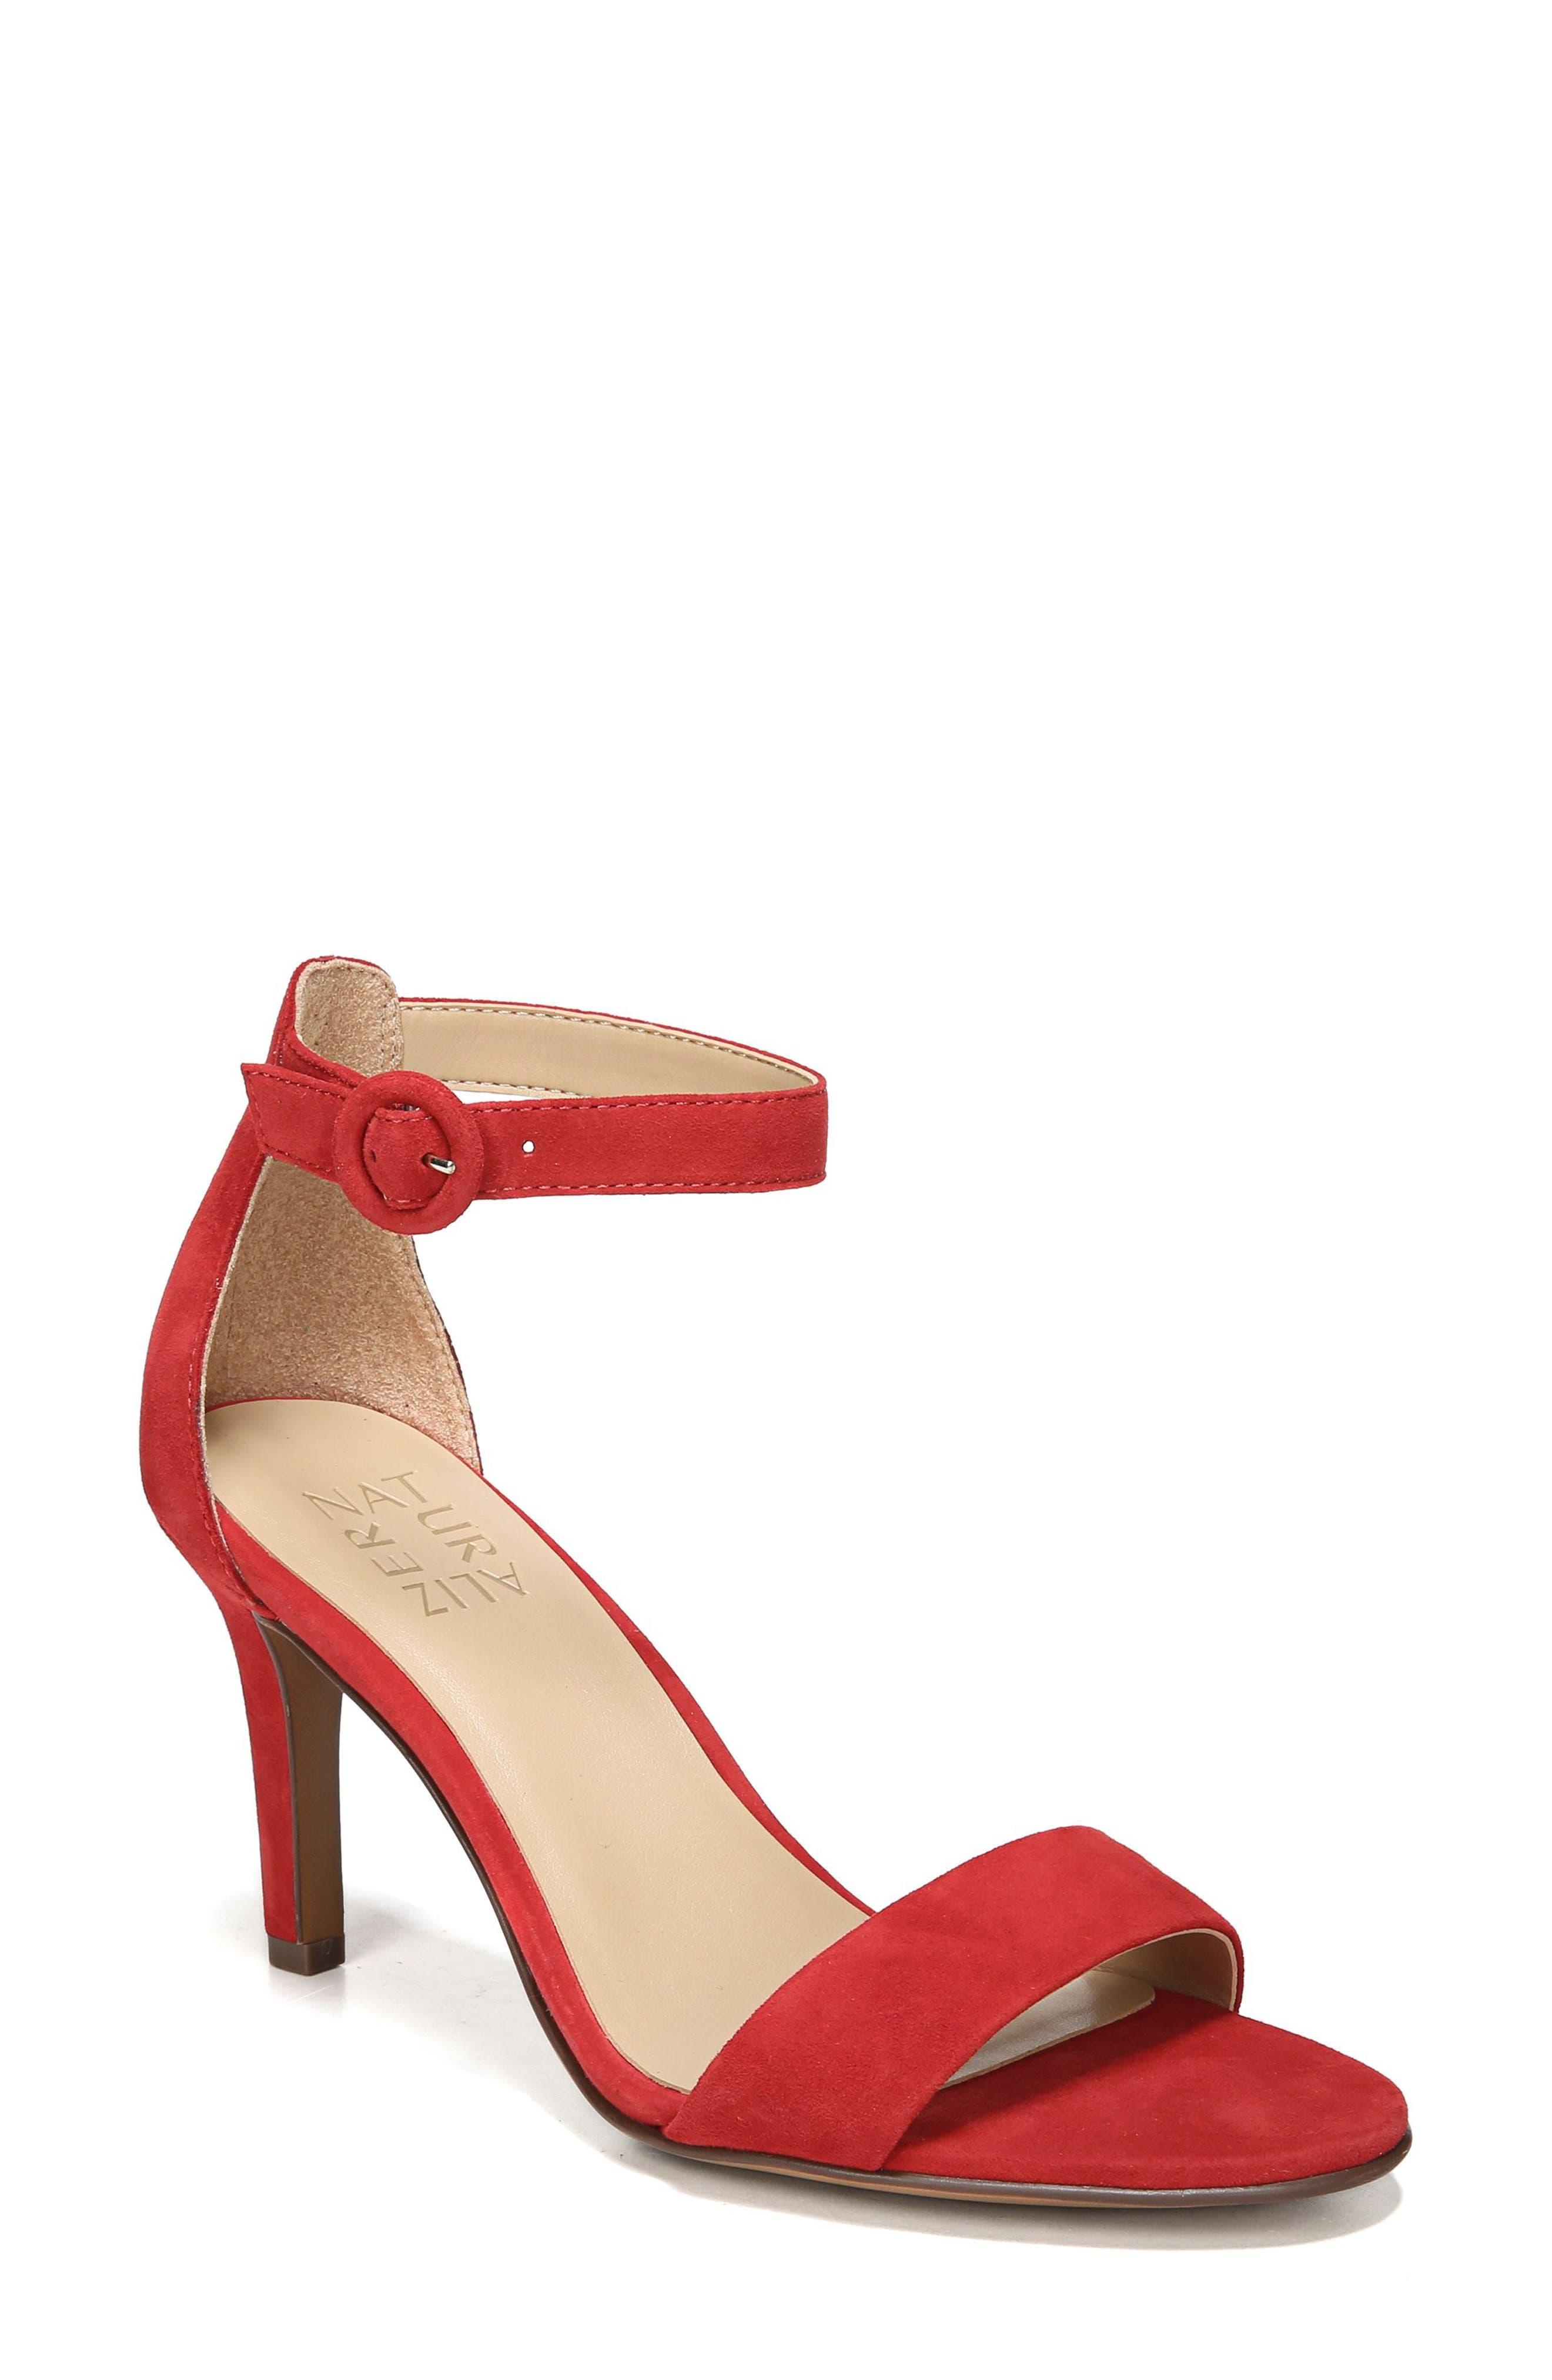 Naturalizer Kinsley Ankle Strap Sandal- Red